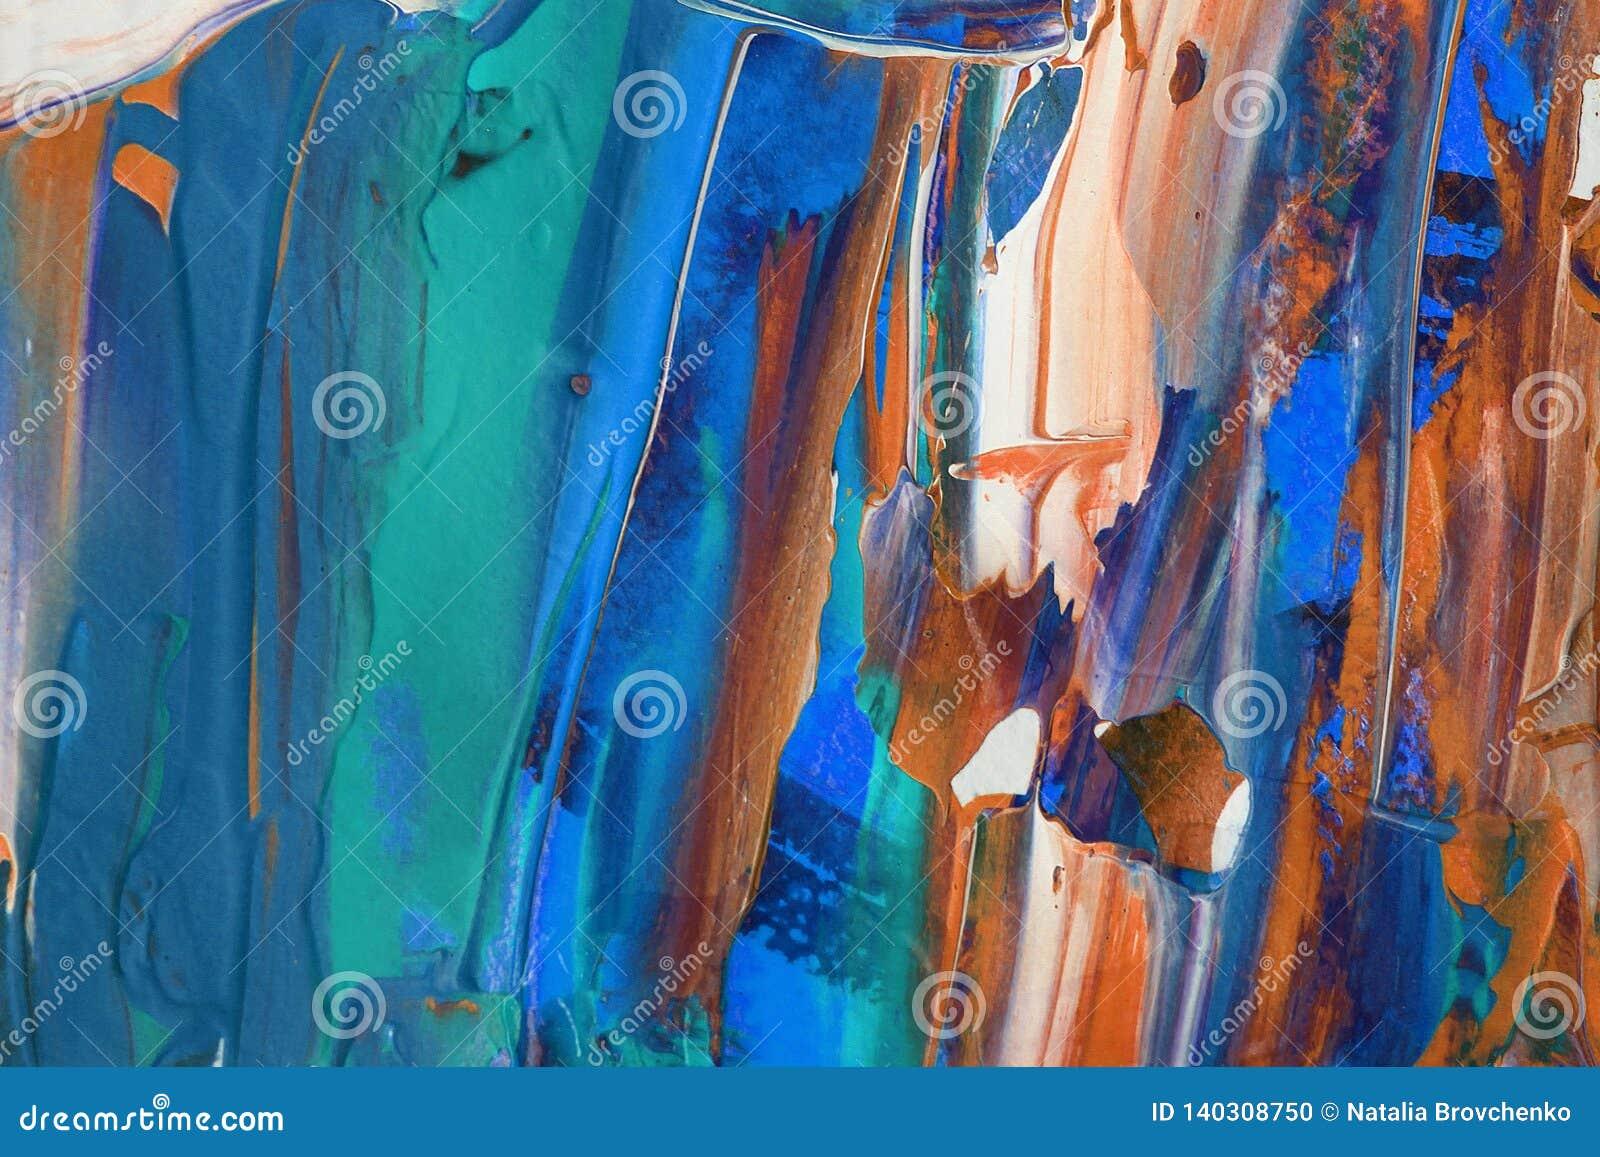 Hand dragen akrylmålning abstrakt konstbakgrund Akrylmålning på kanfas Färgtextur Fragment av konstverk penseldrag